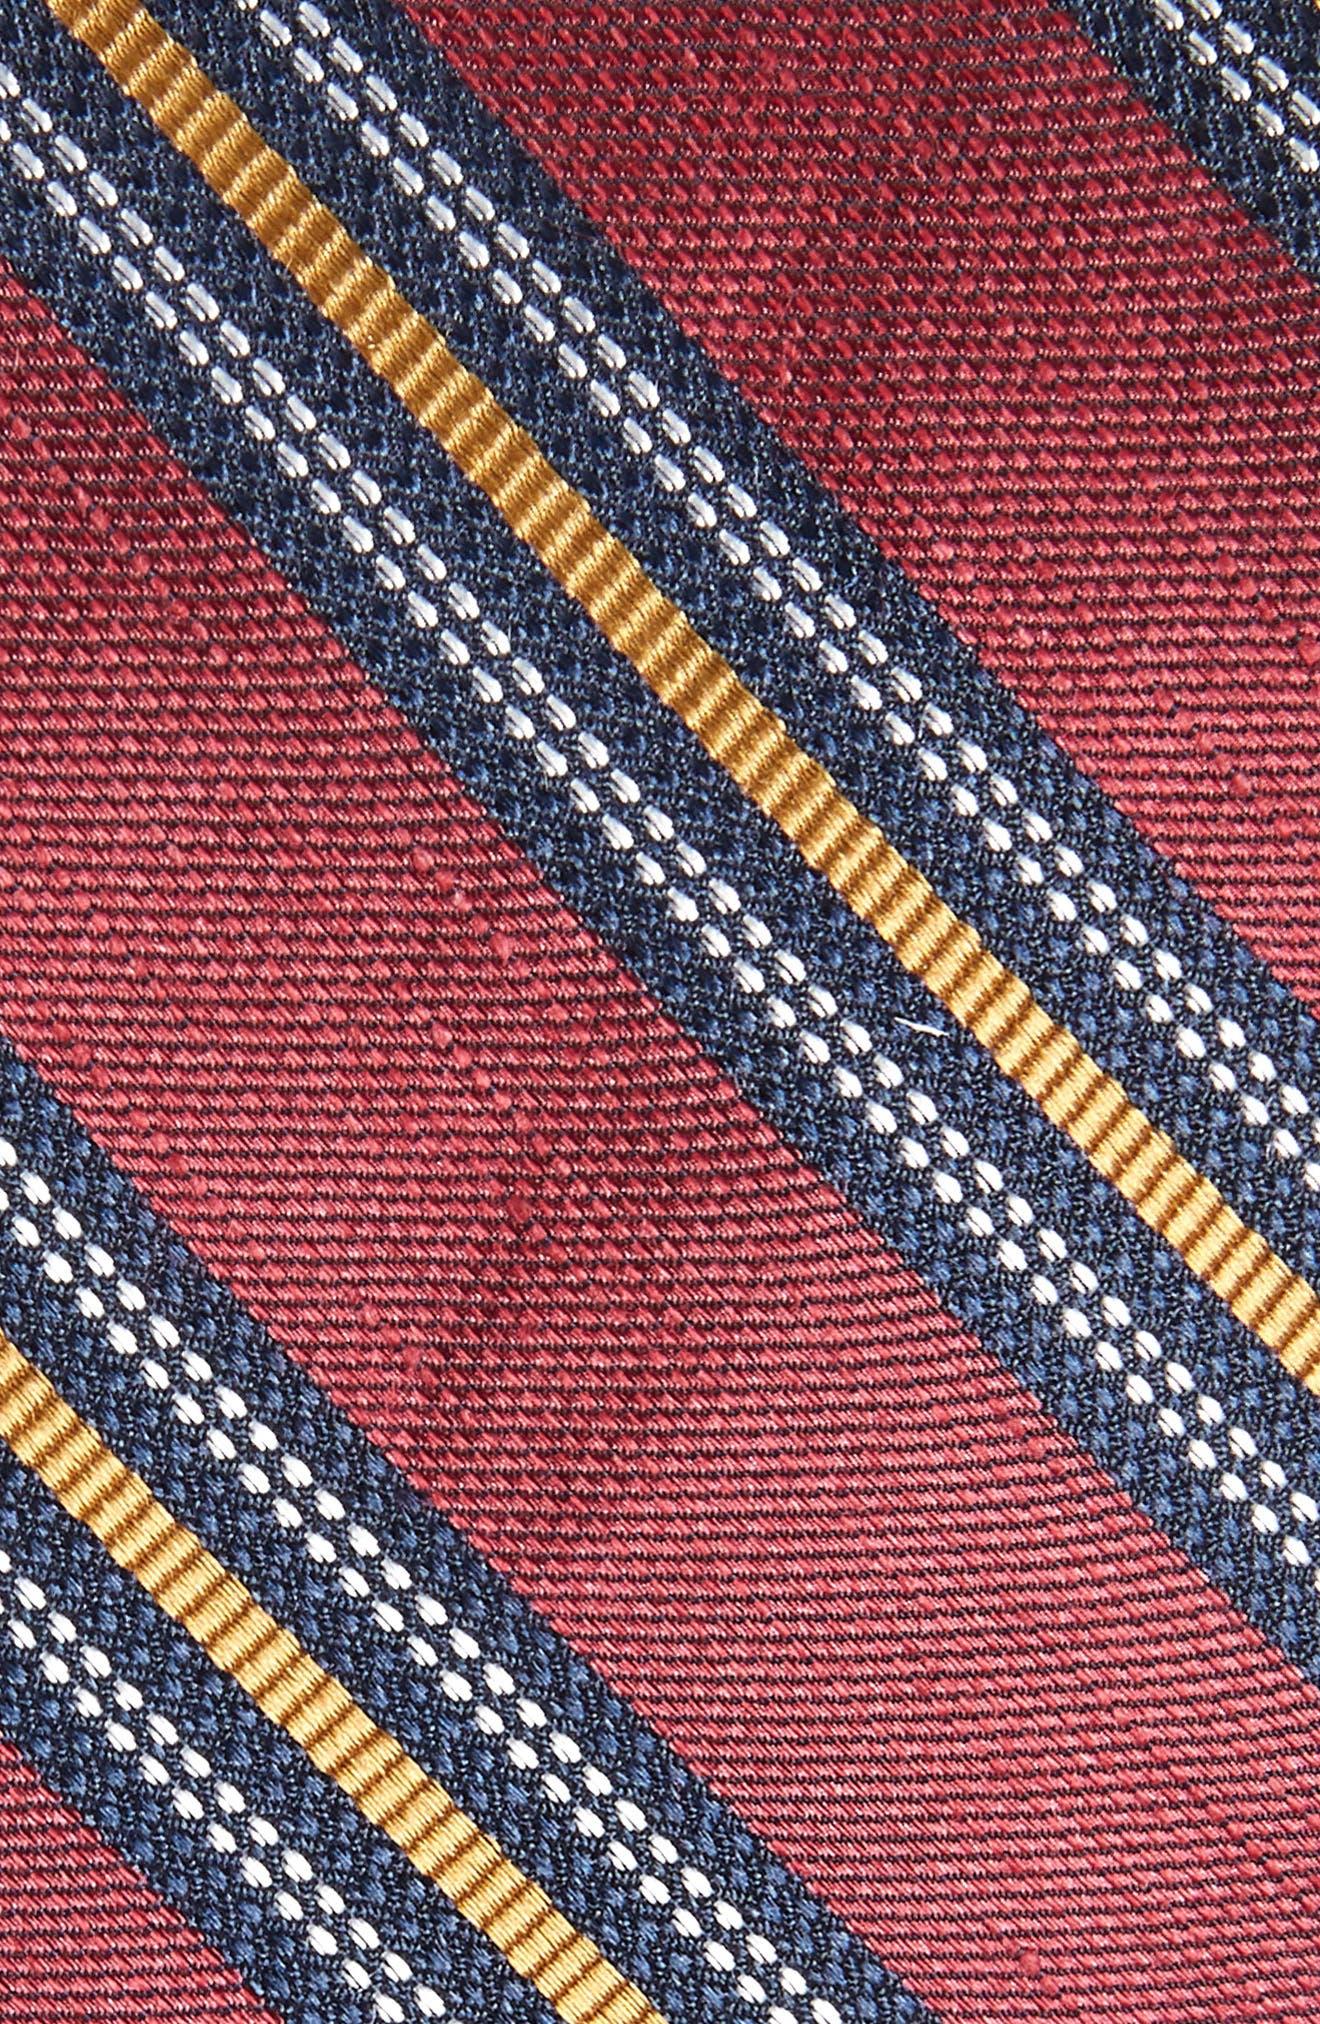 Rangel Stripe Silk & Linen Tie,                             Alternate thumbnail 2, color,                             Burgundy